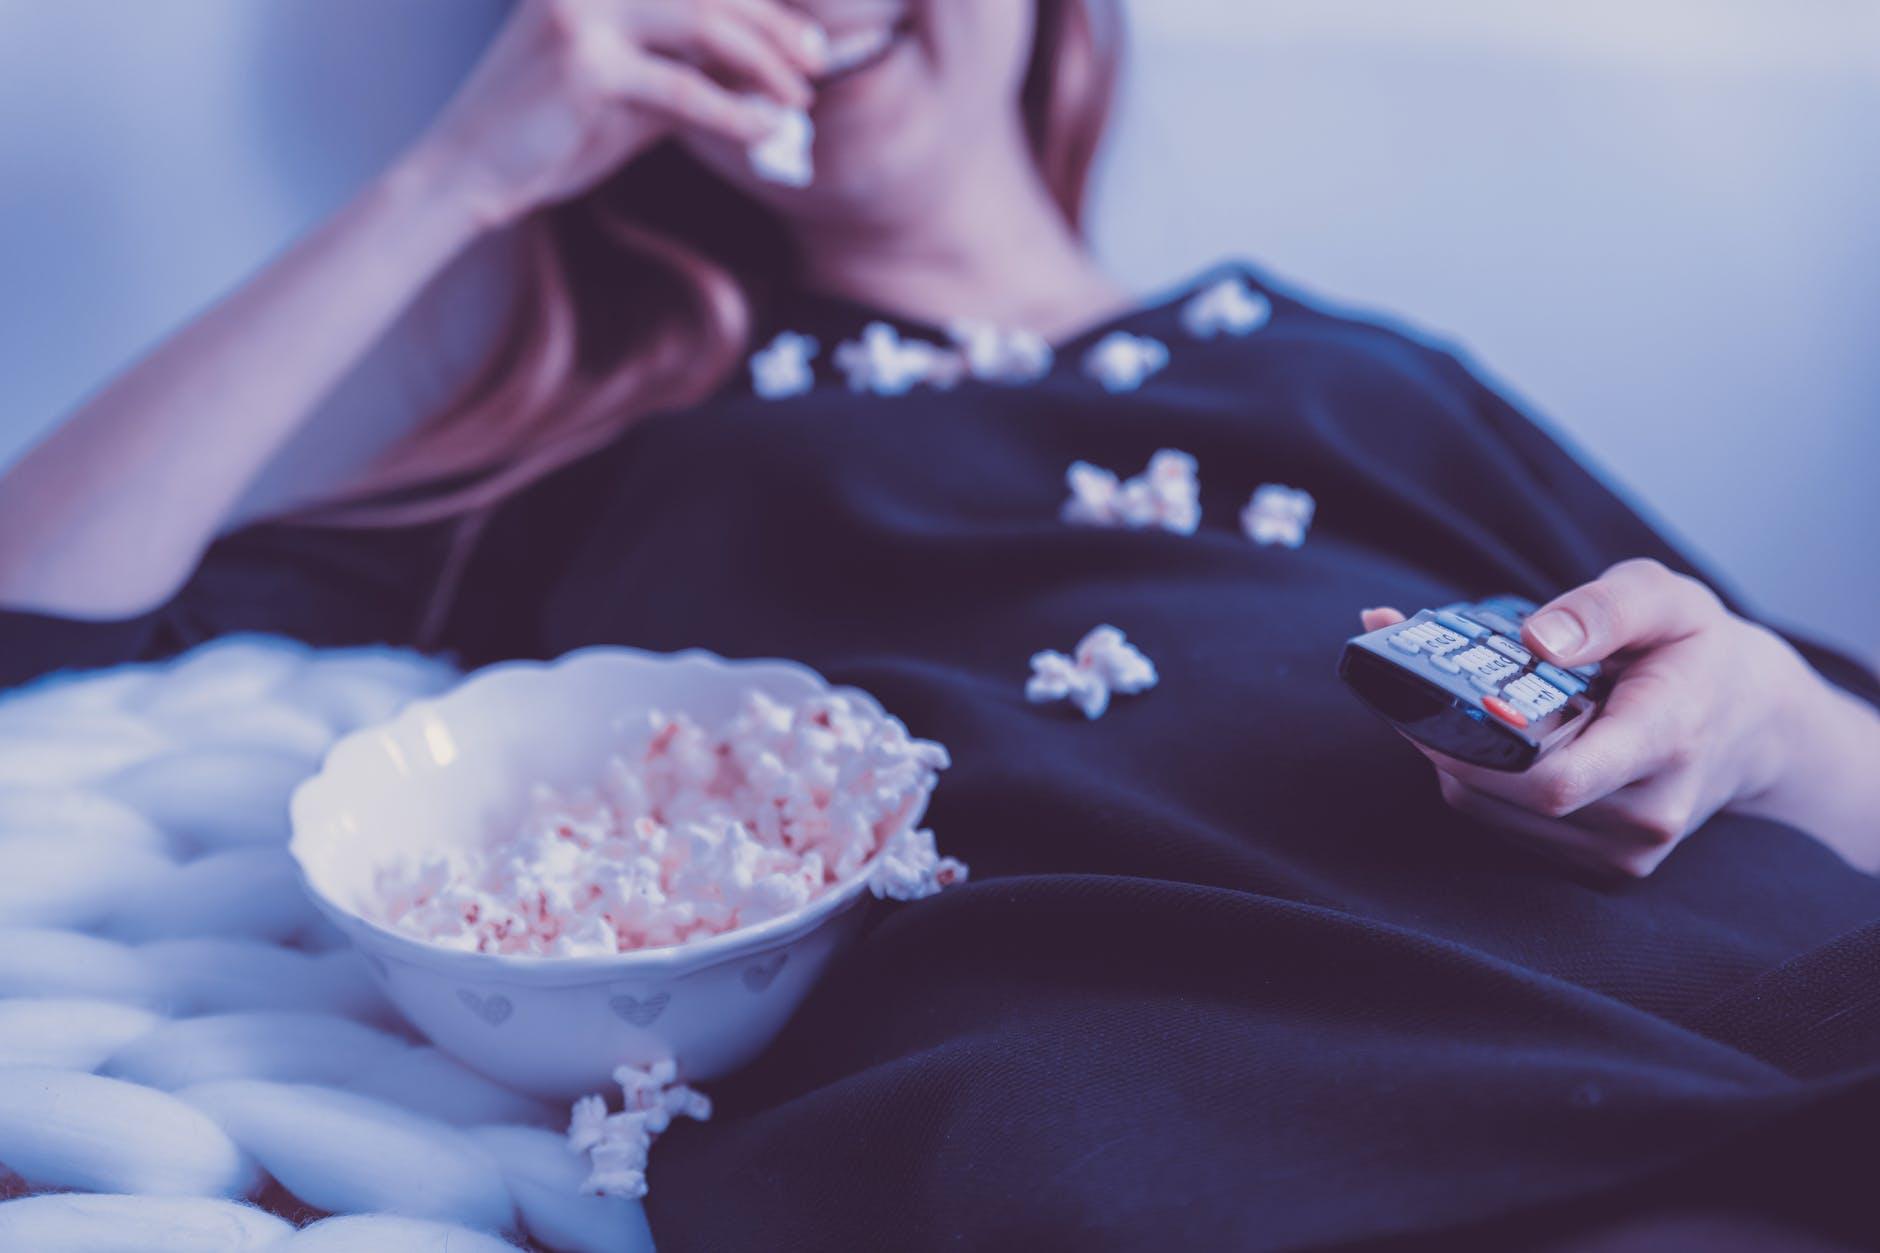 Bạn nên chọn những bộ phim mà mình thích để luôn cảm thấy hứng thú nhé